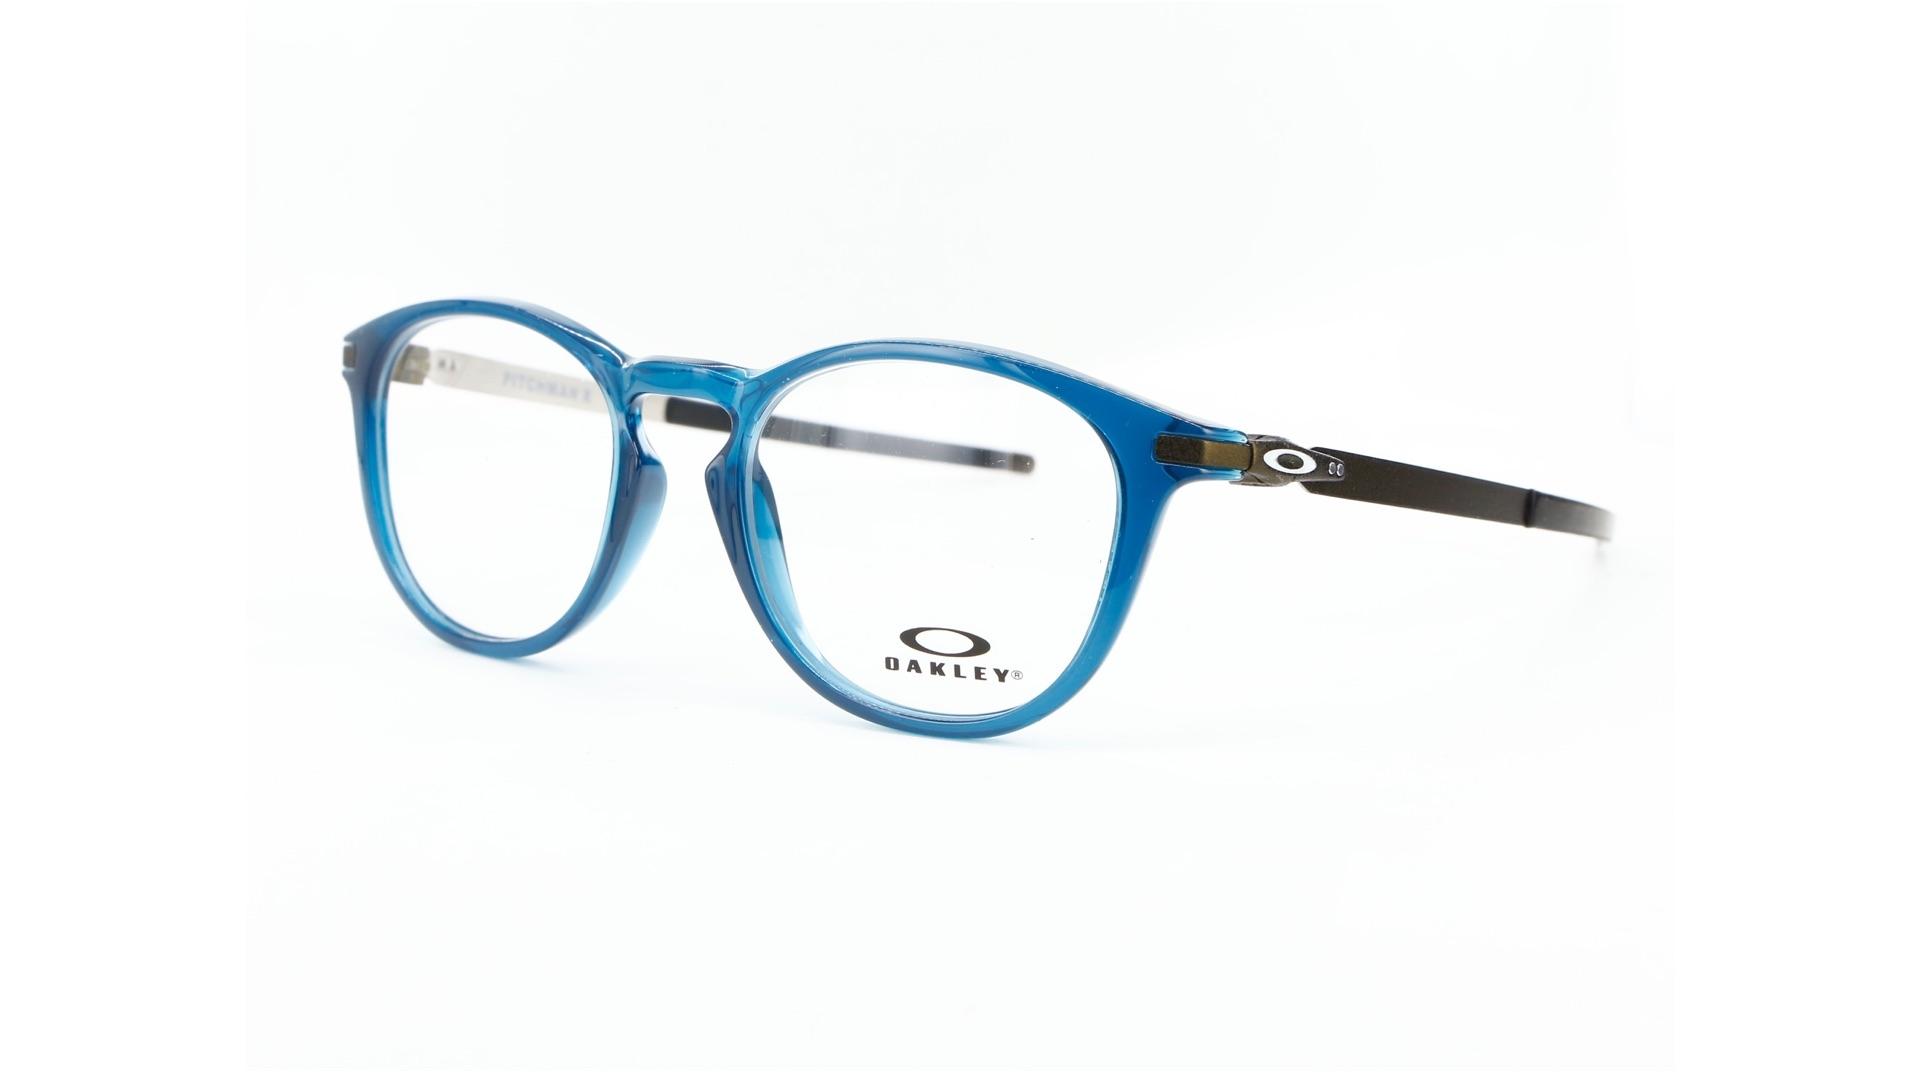 Oakley - ref: 80728